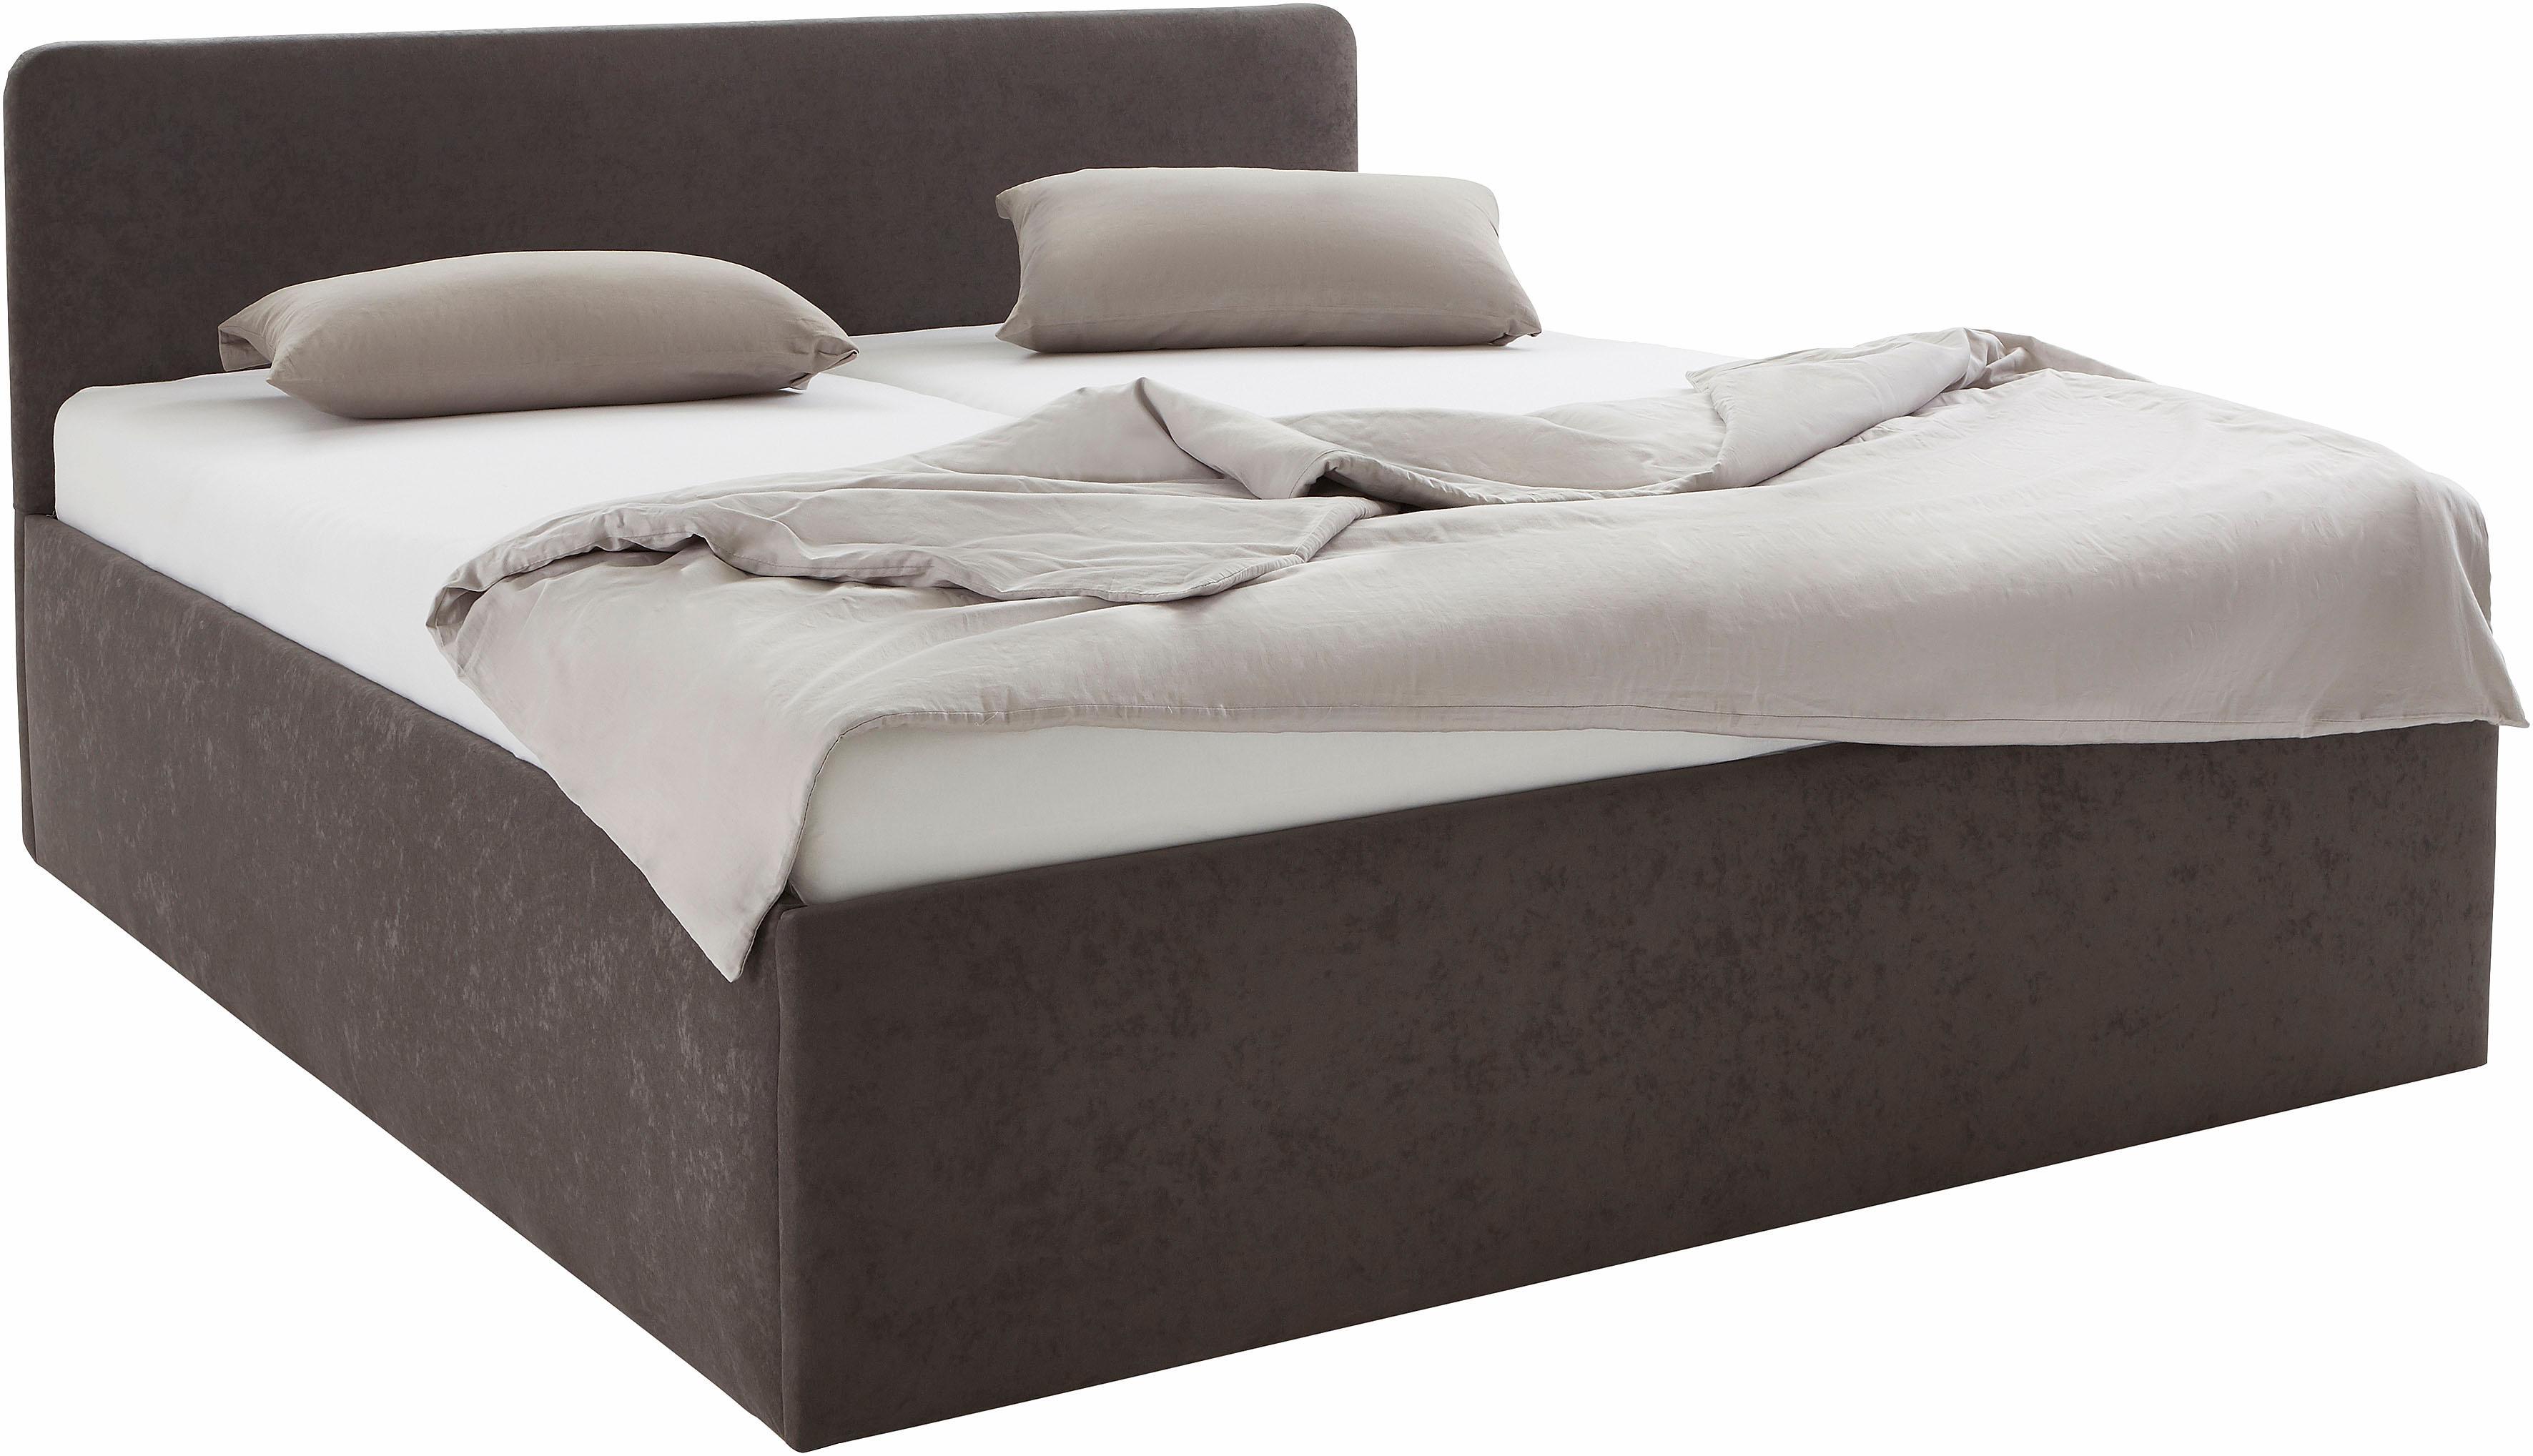 Westfalia Schlafkomfort Polsterbett Bestellen Baur